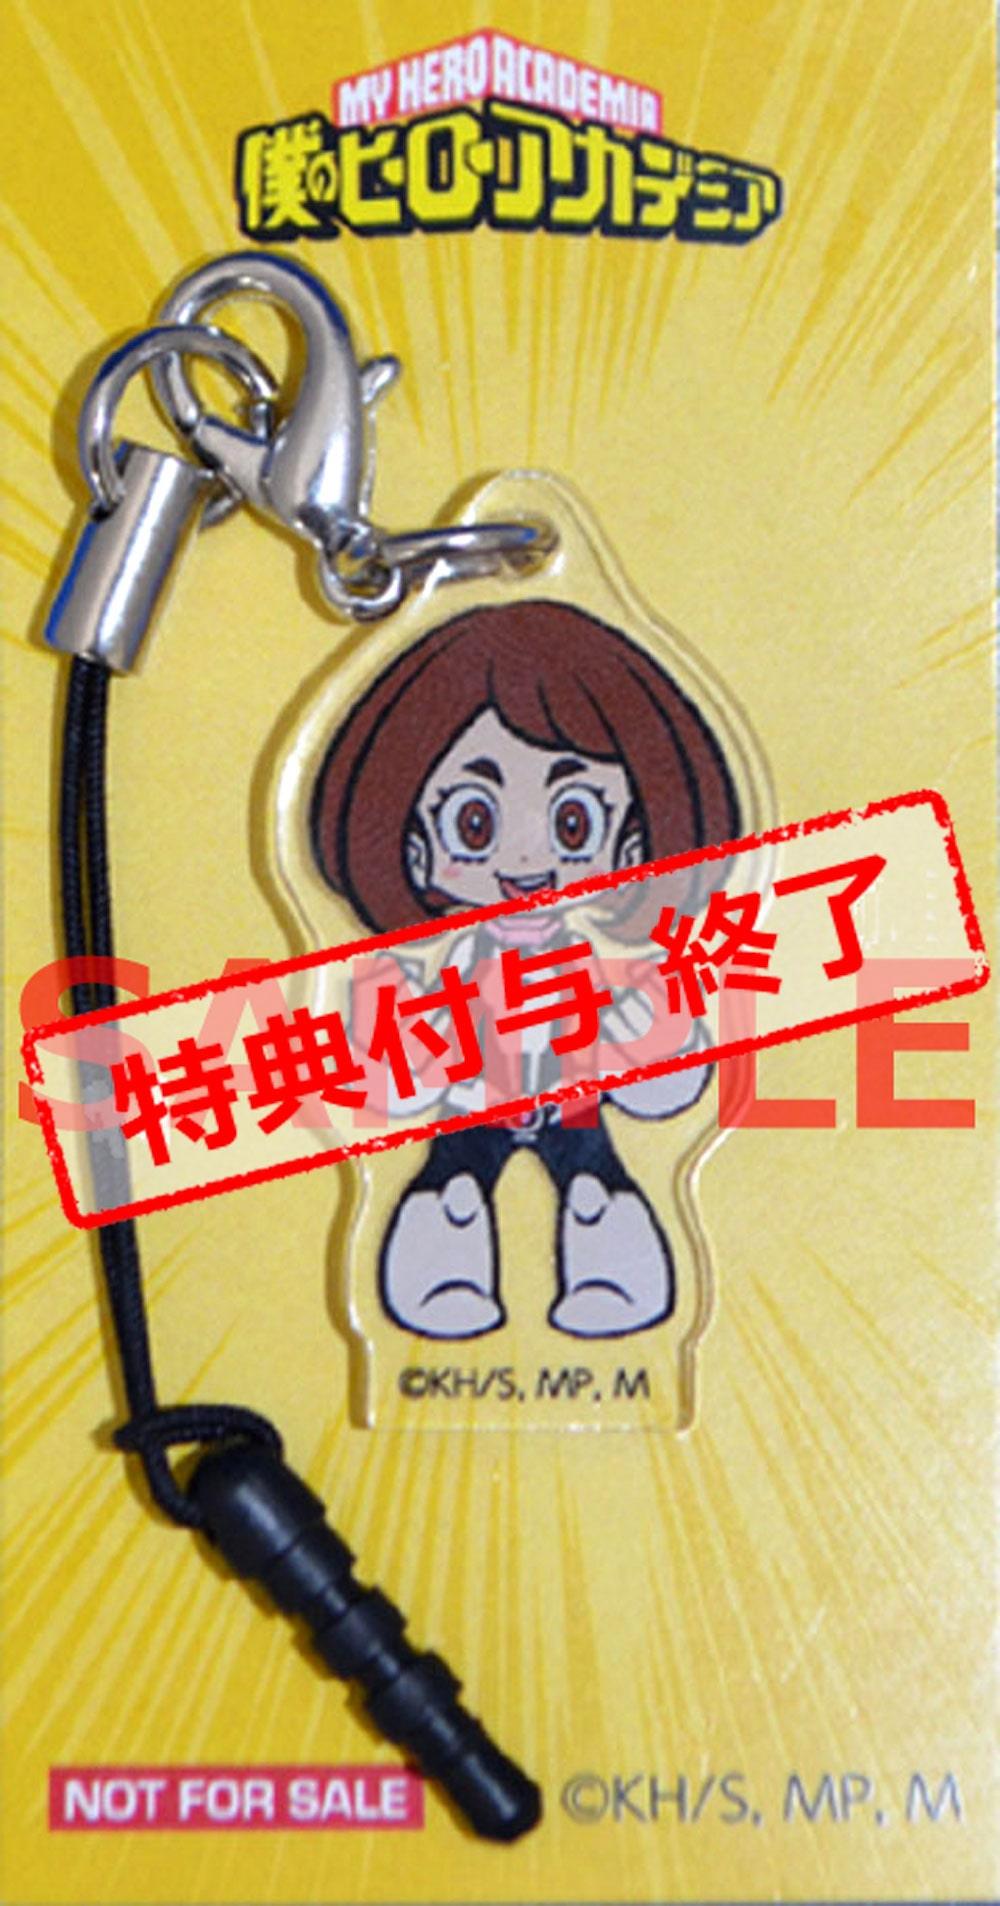 僕のヒーローアカデミア Vol.3 Blu-ray 初回生産限定版